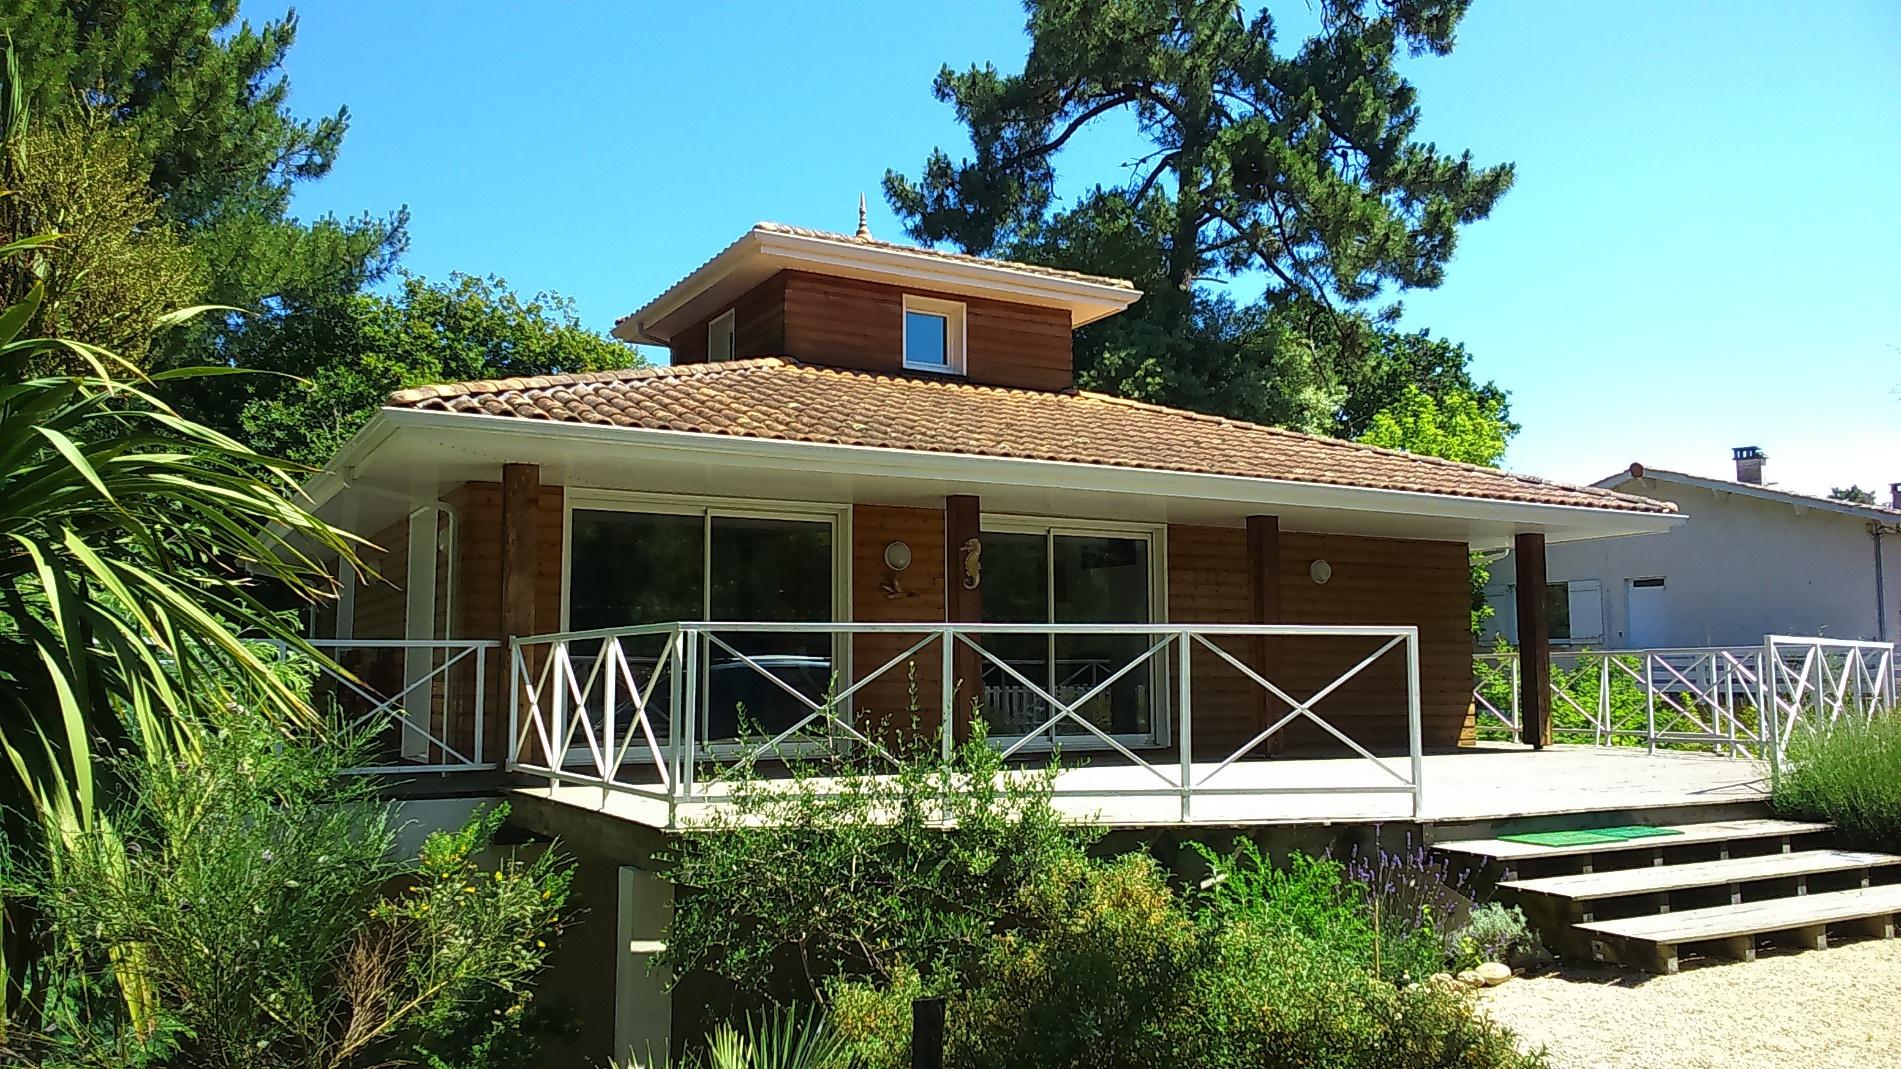 Location vacances appartement arcachon villas et maisons for Location maison vacances arcachon piscine